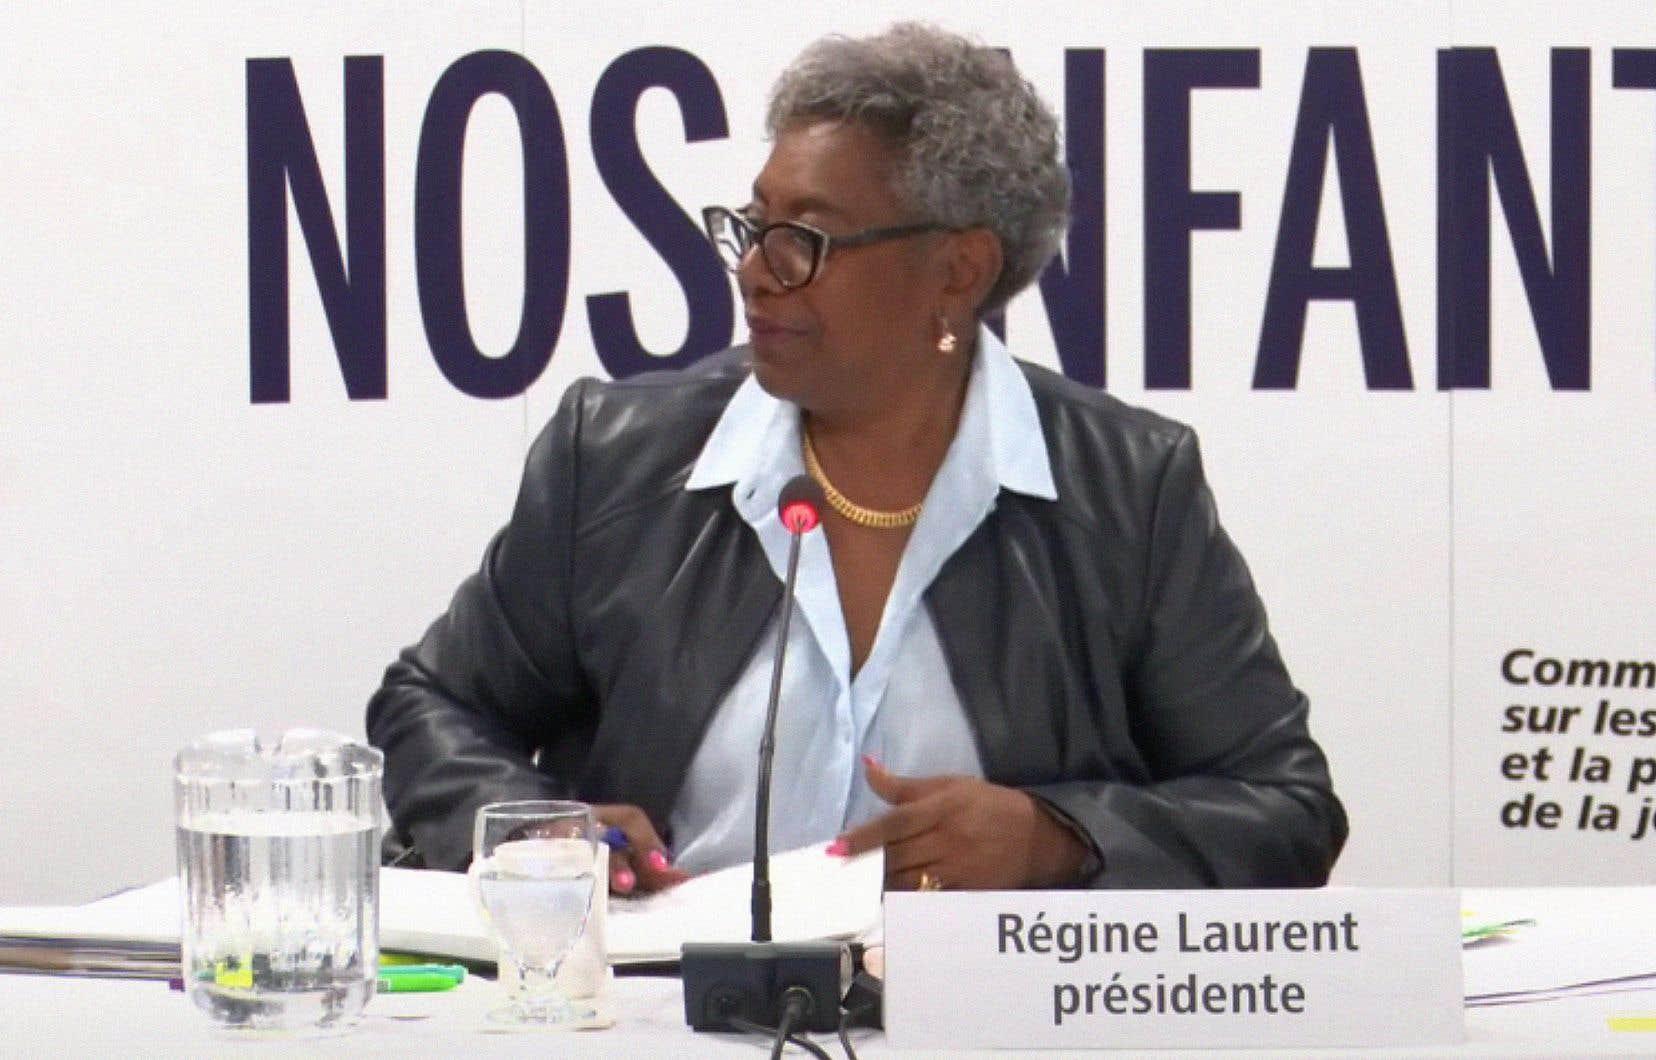 La commission Laurent prévoit toujours soumettre son rapport et ses recommandations au gouvernement au plus tard le 30novembre 2020.